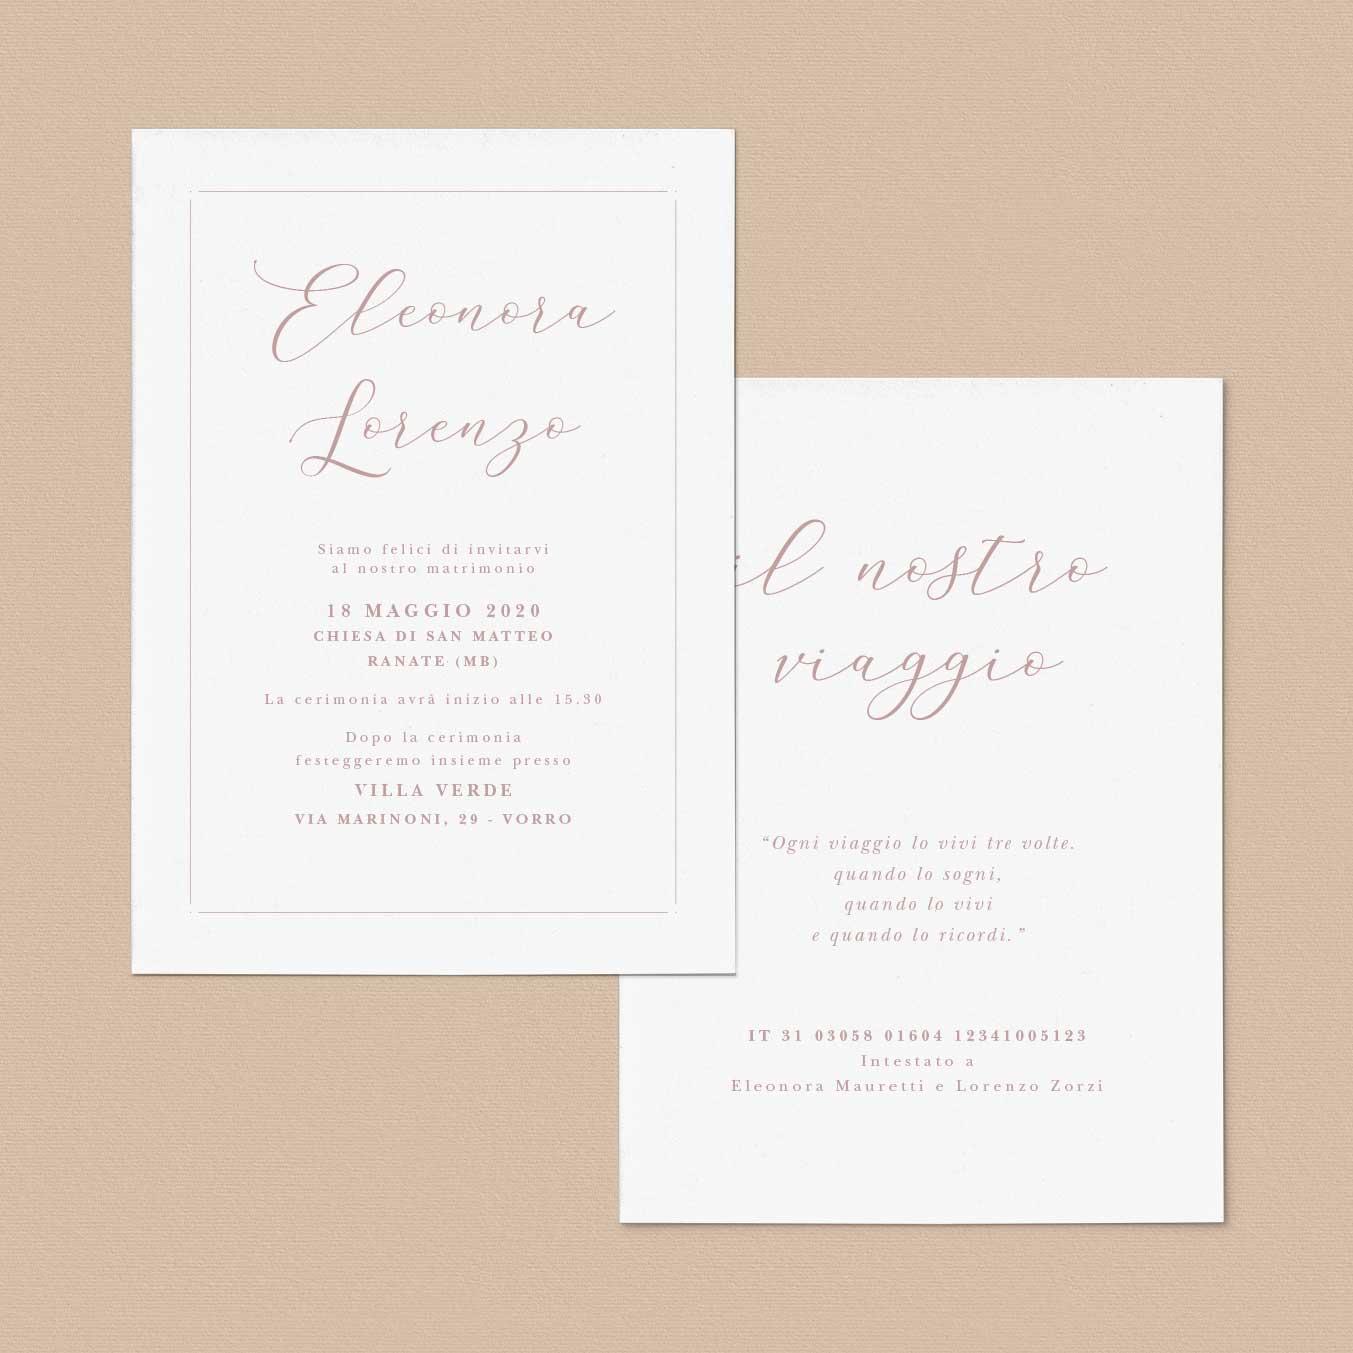 Inviti-matrimonio-su-misura-personalizzate-eleganti-moderne-semplici-2020-particolari-ricercate-idee-belle